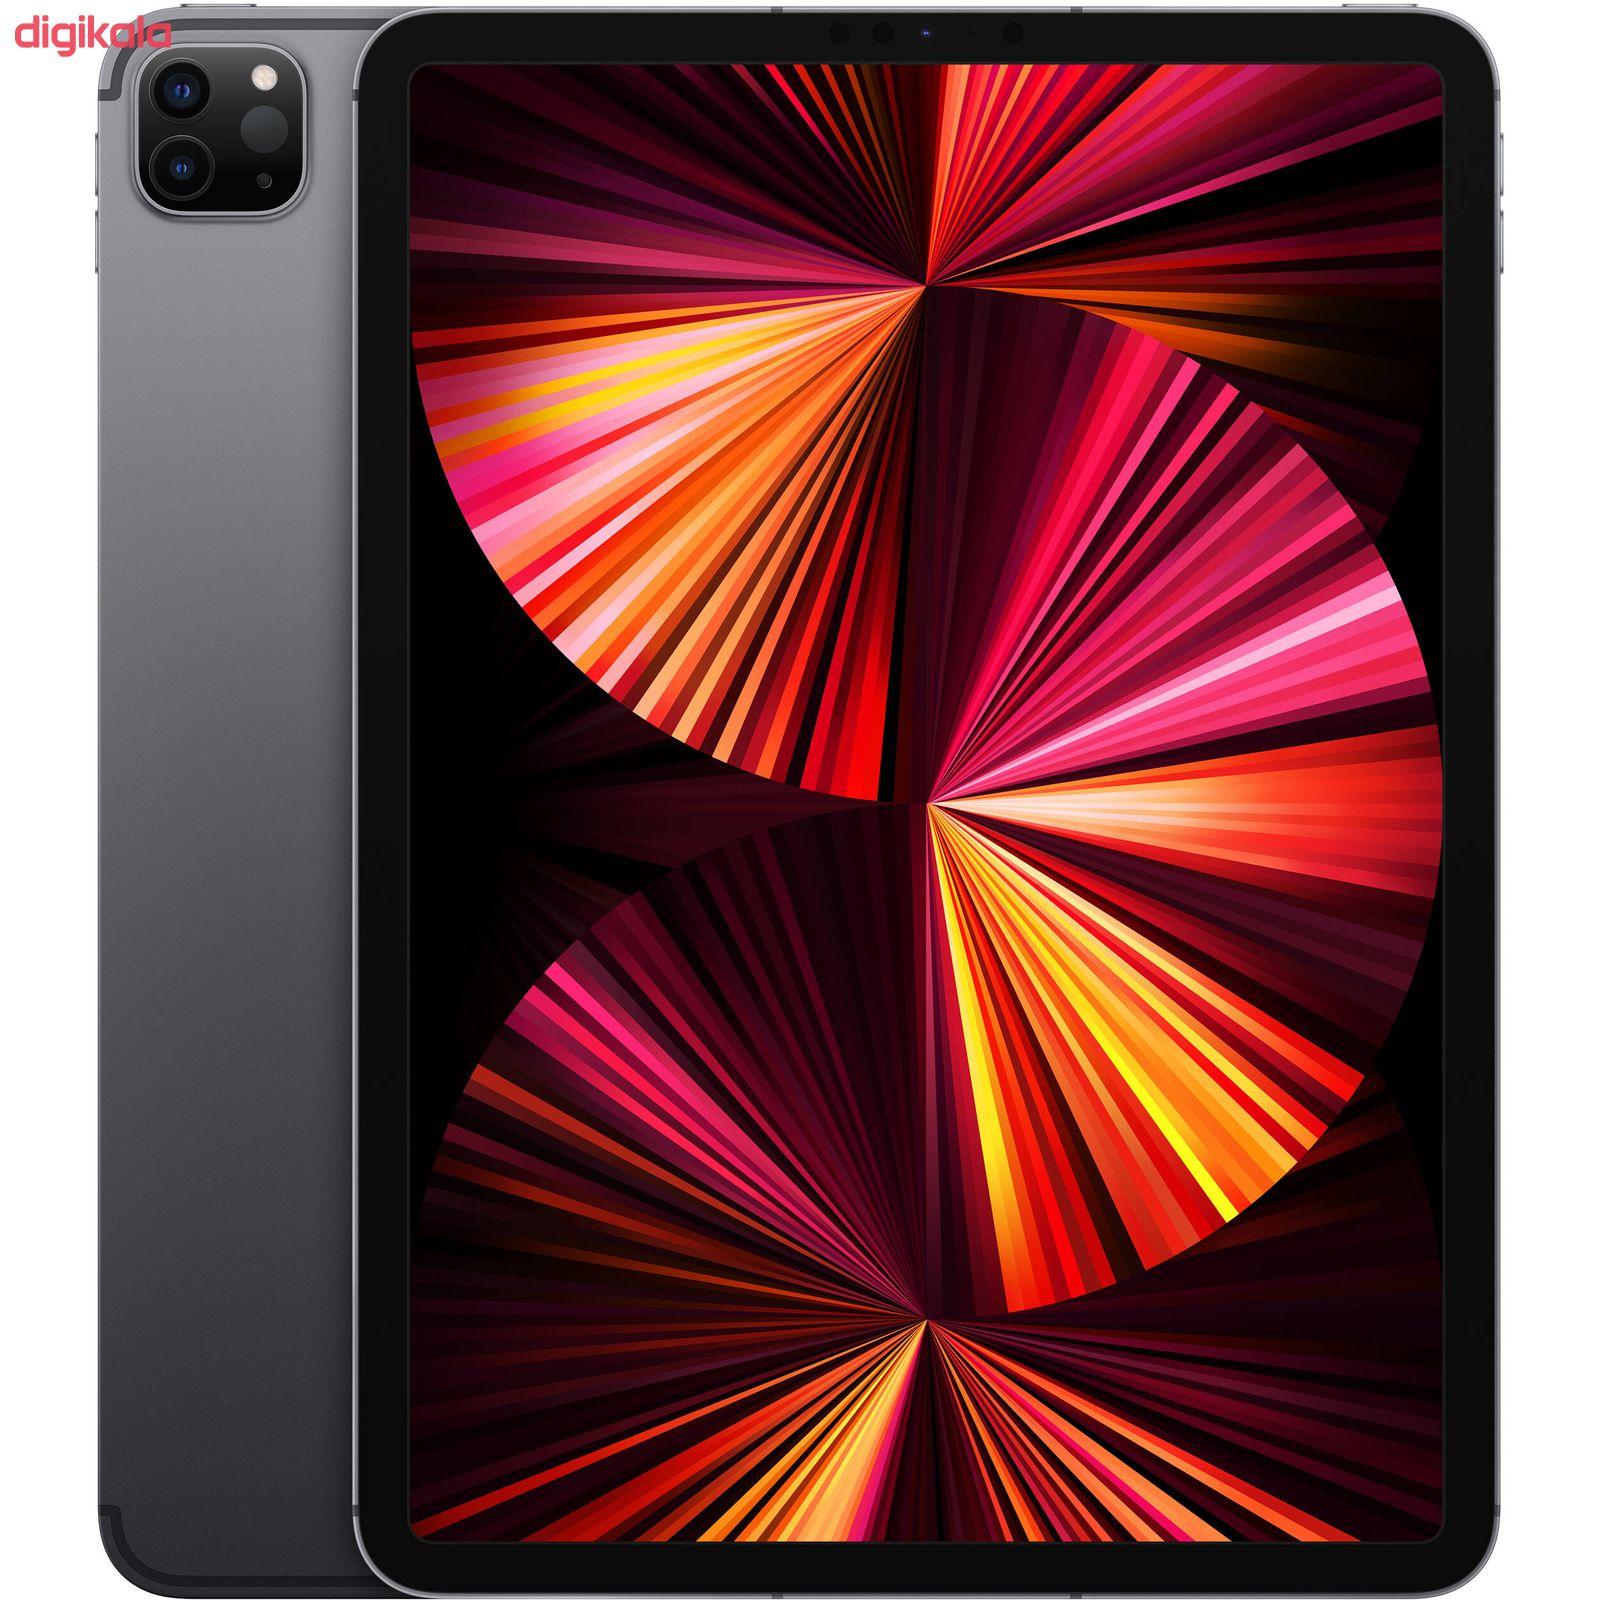 تبلت اپل مدل iPad Pro 11 inch 2021 WiFi ظرفیت 256 گیگابایت main 1 1